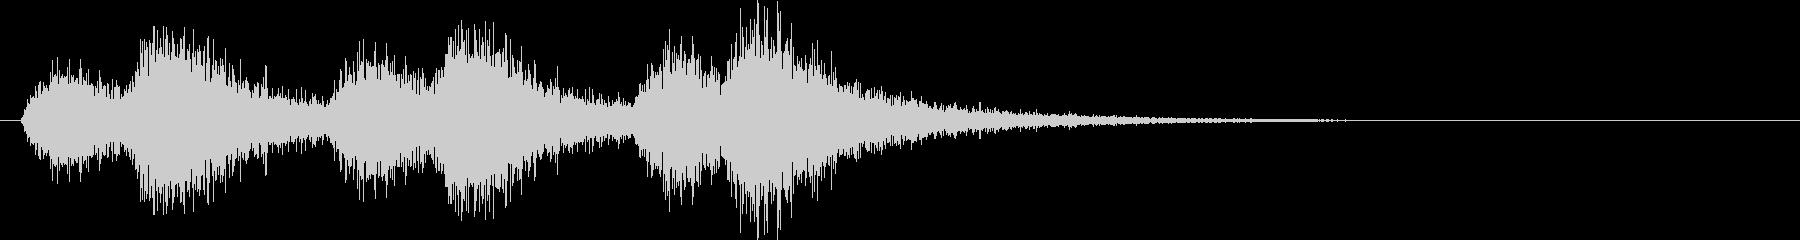 オーケストラでジャジャン ジャジャン3の未再生の波形